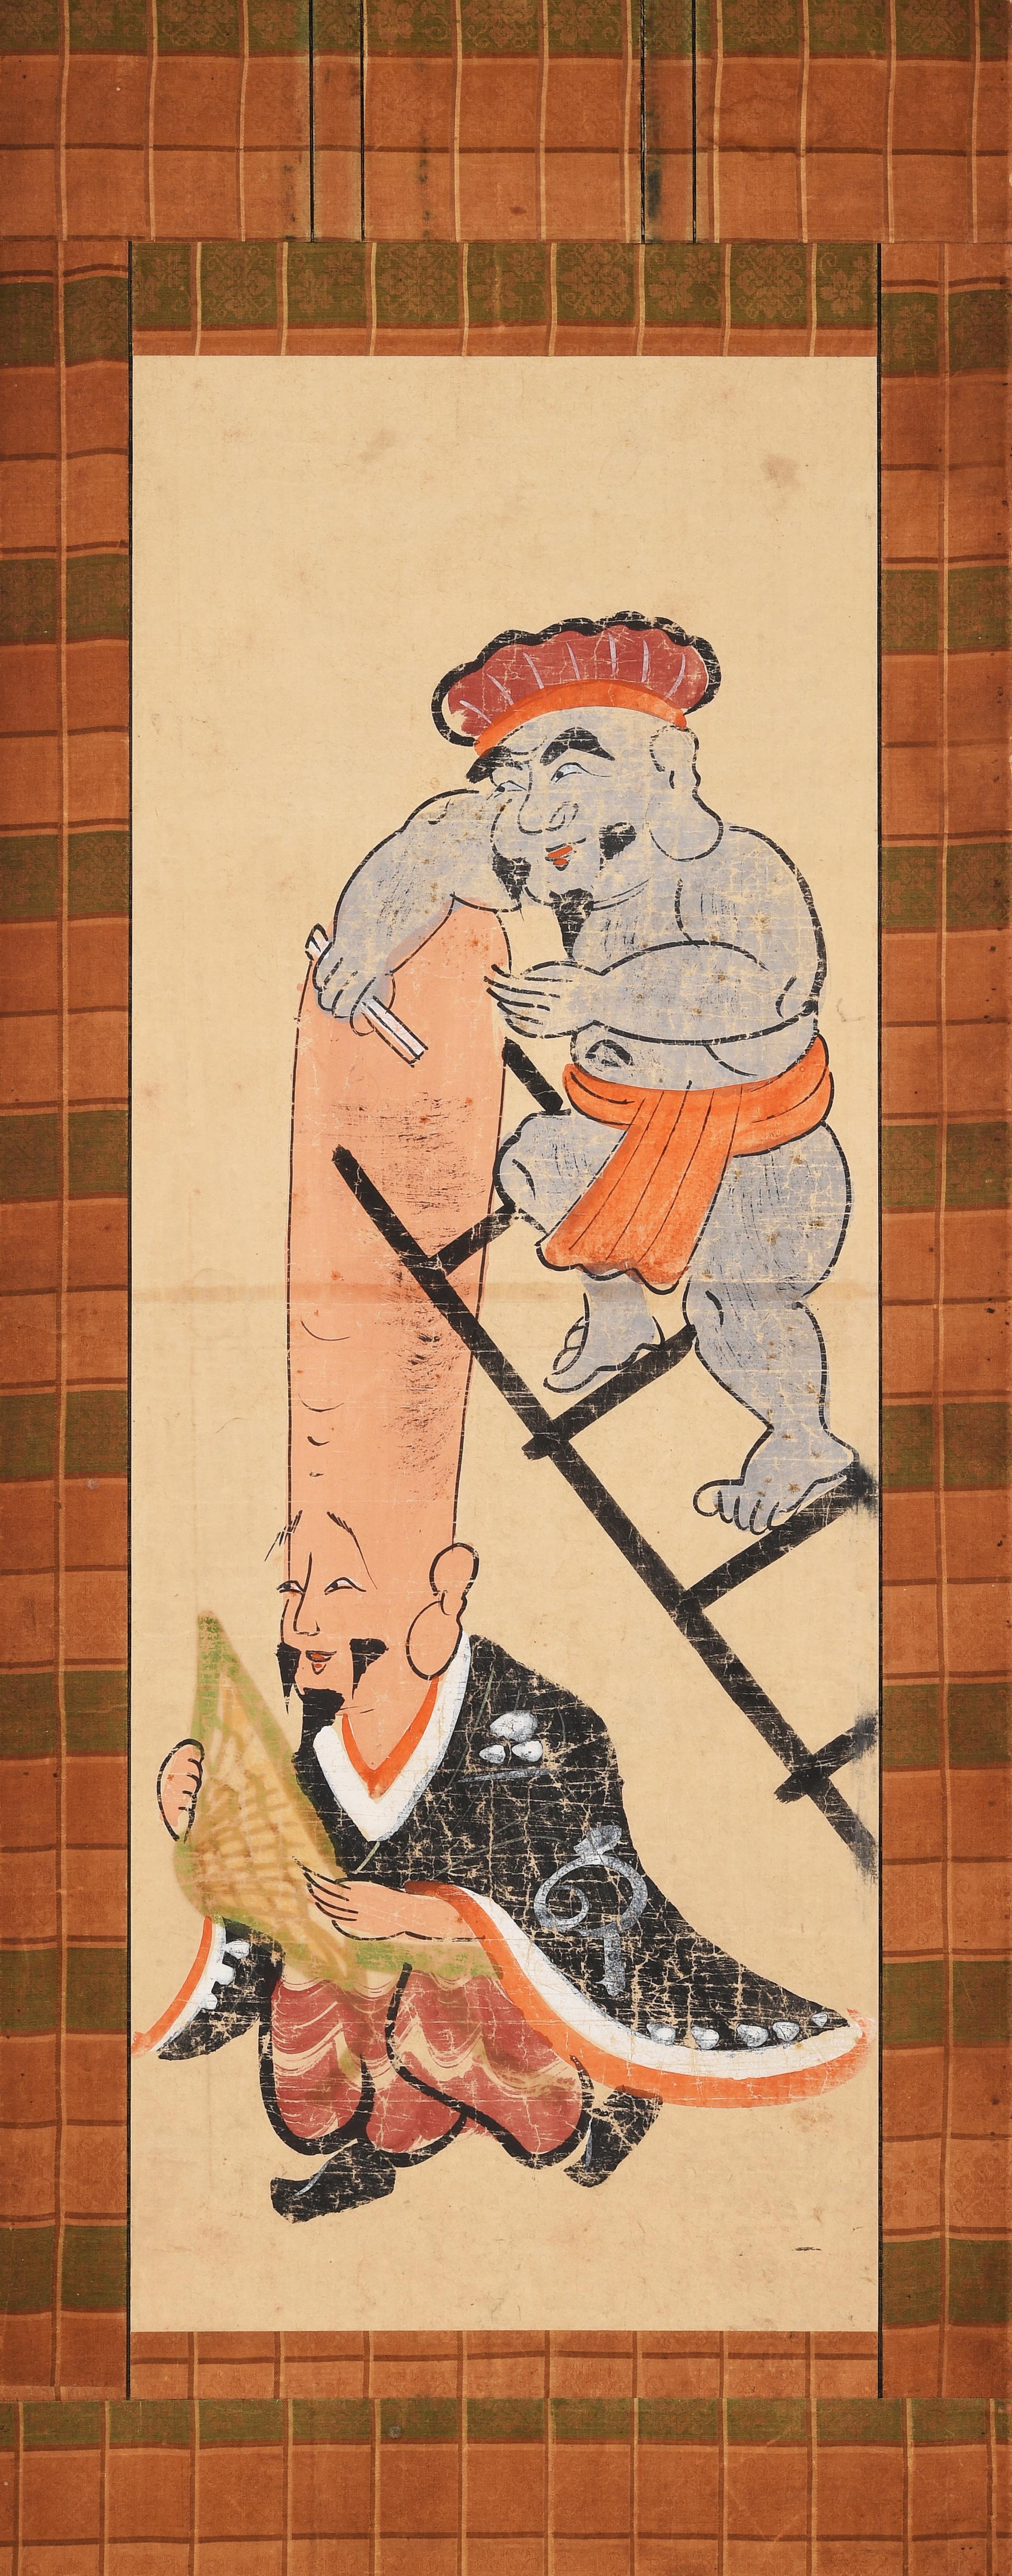 Le dieu de la Fortune rasant le dieu de la Longévité sur une échelle XVIIIe siècle, peinture d'Ôtsu collection particulière, dépôt à l'Ôtsu City Museum of History, Japon.